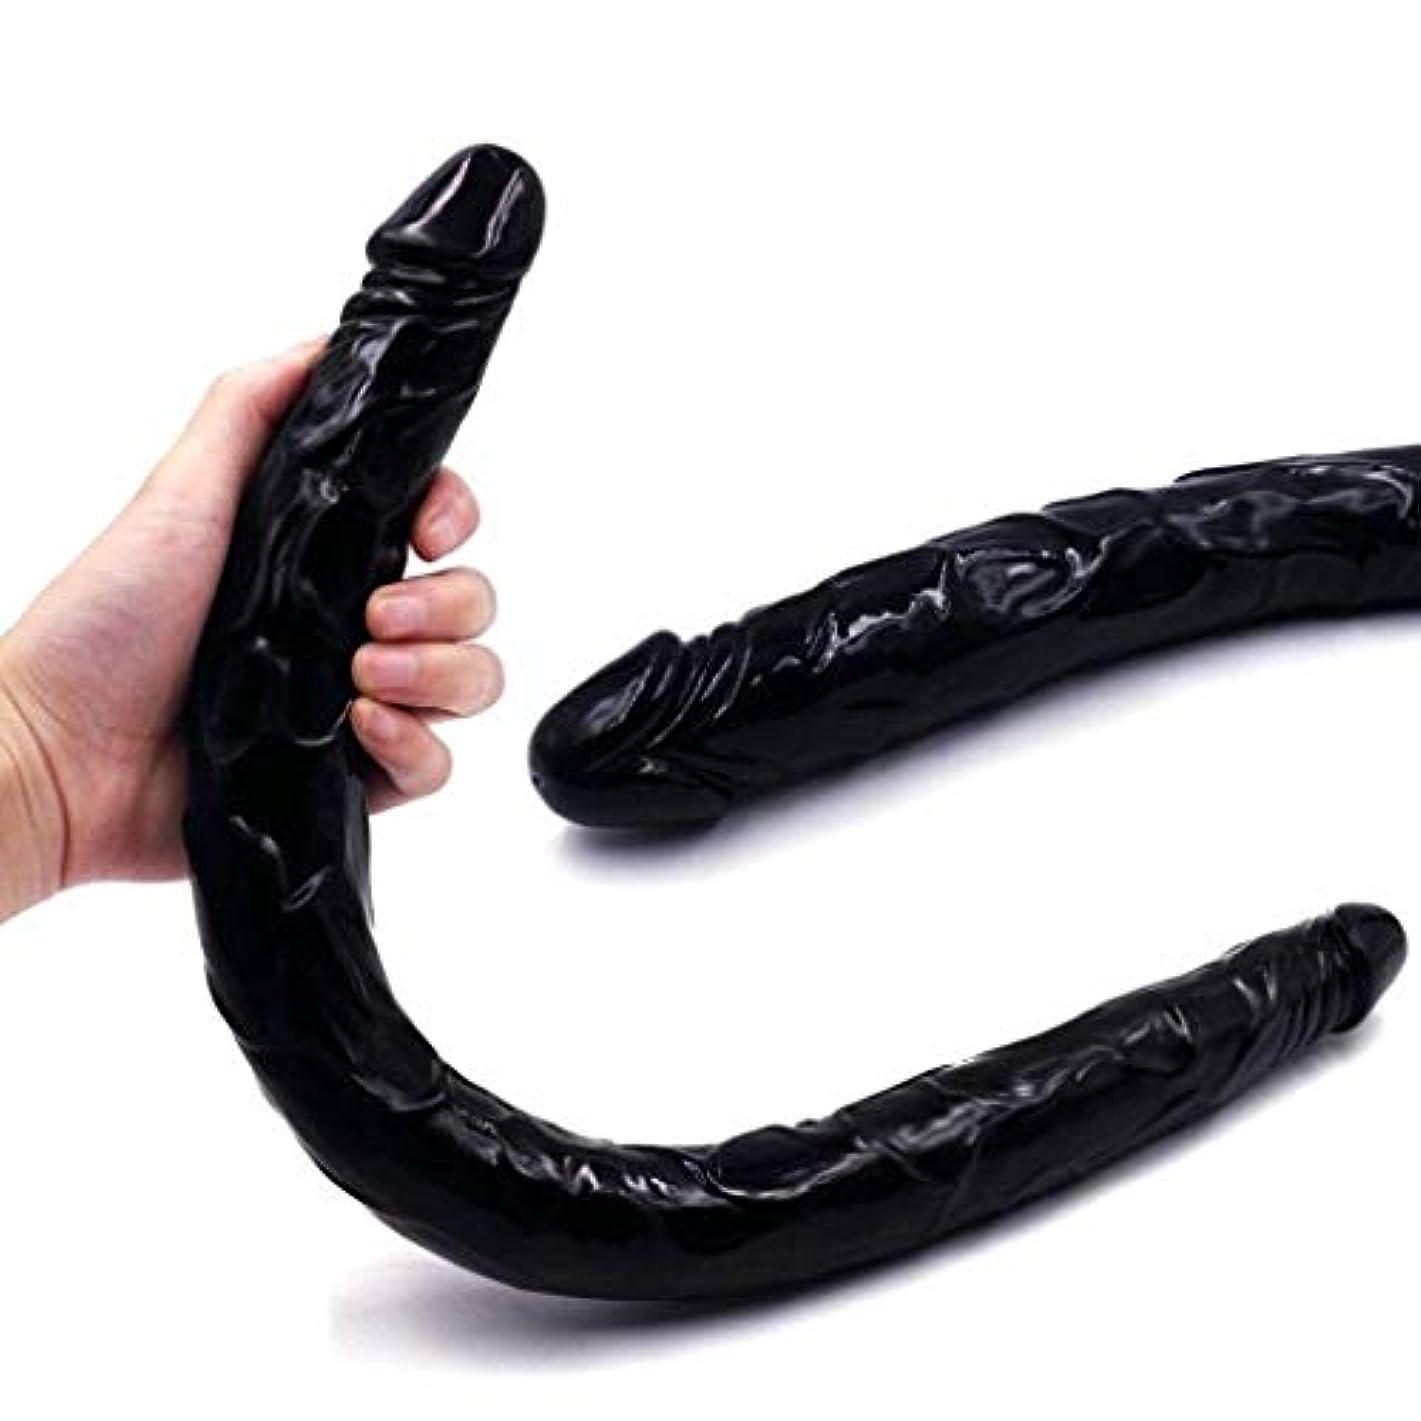 エコー移行する測定Risareyi 女性の初心者のための3DのリアルなPenisのdi?doのおもちゃポリ塩化ビニール材料の口頭おもちゃ (Color : Flesh)